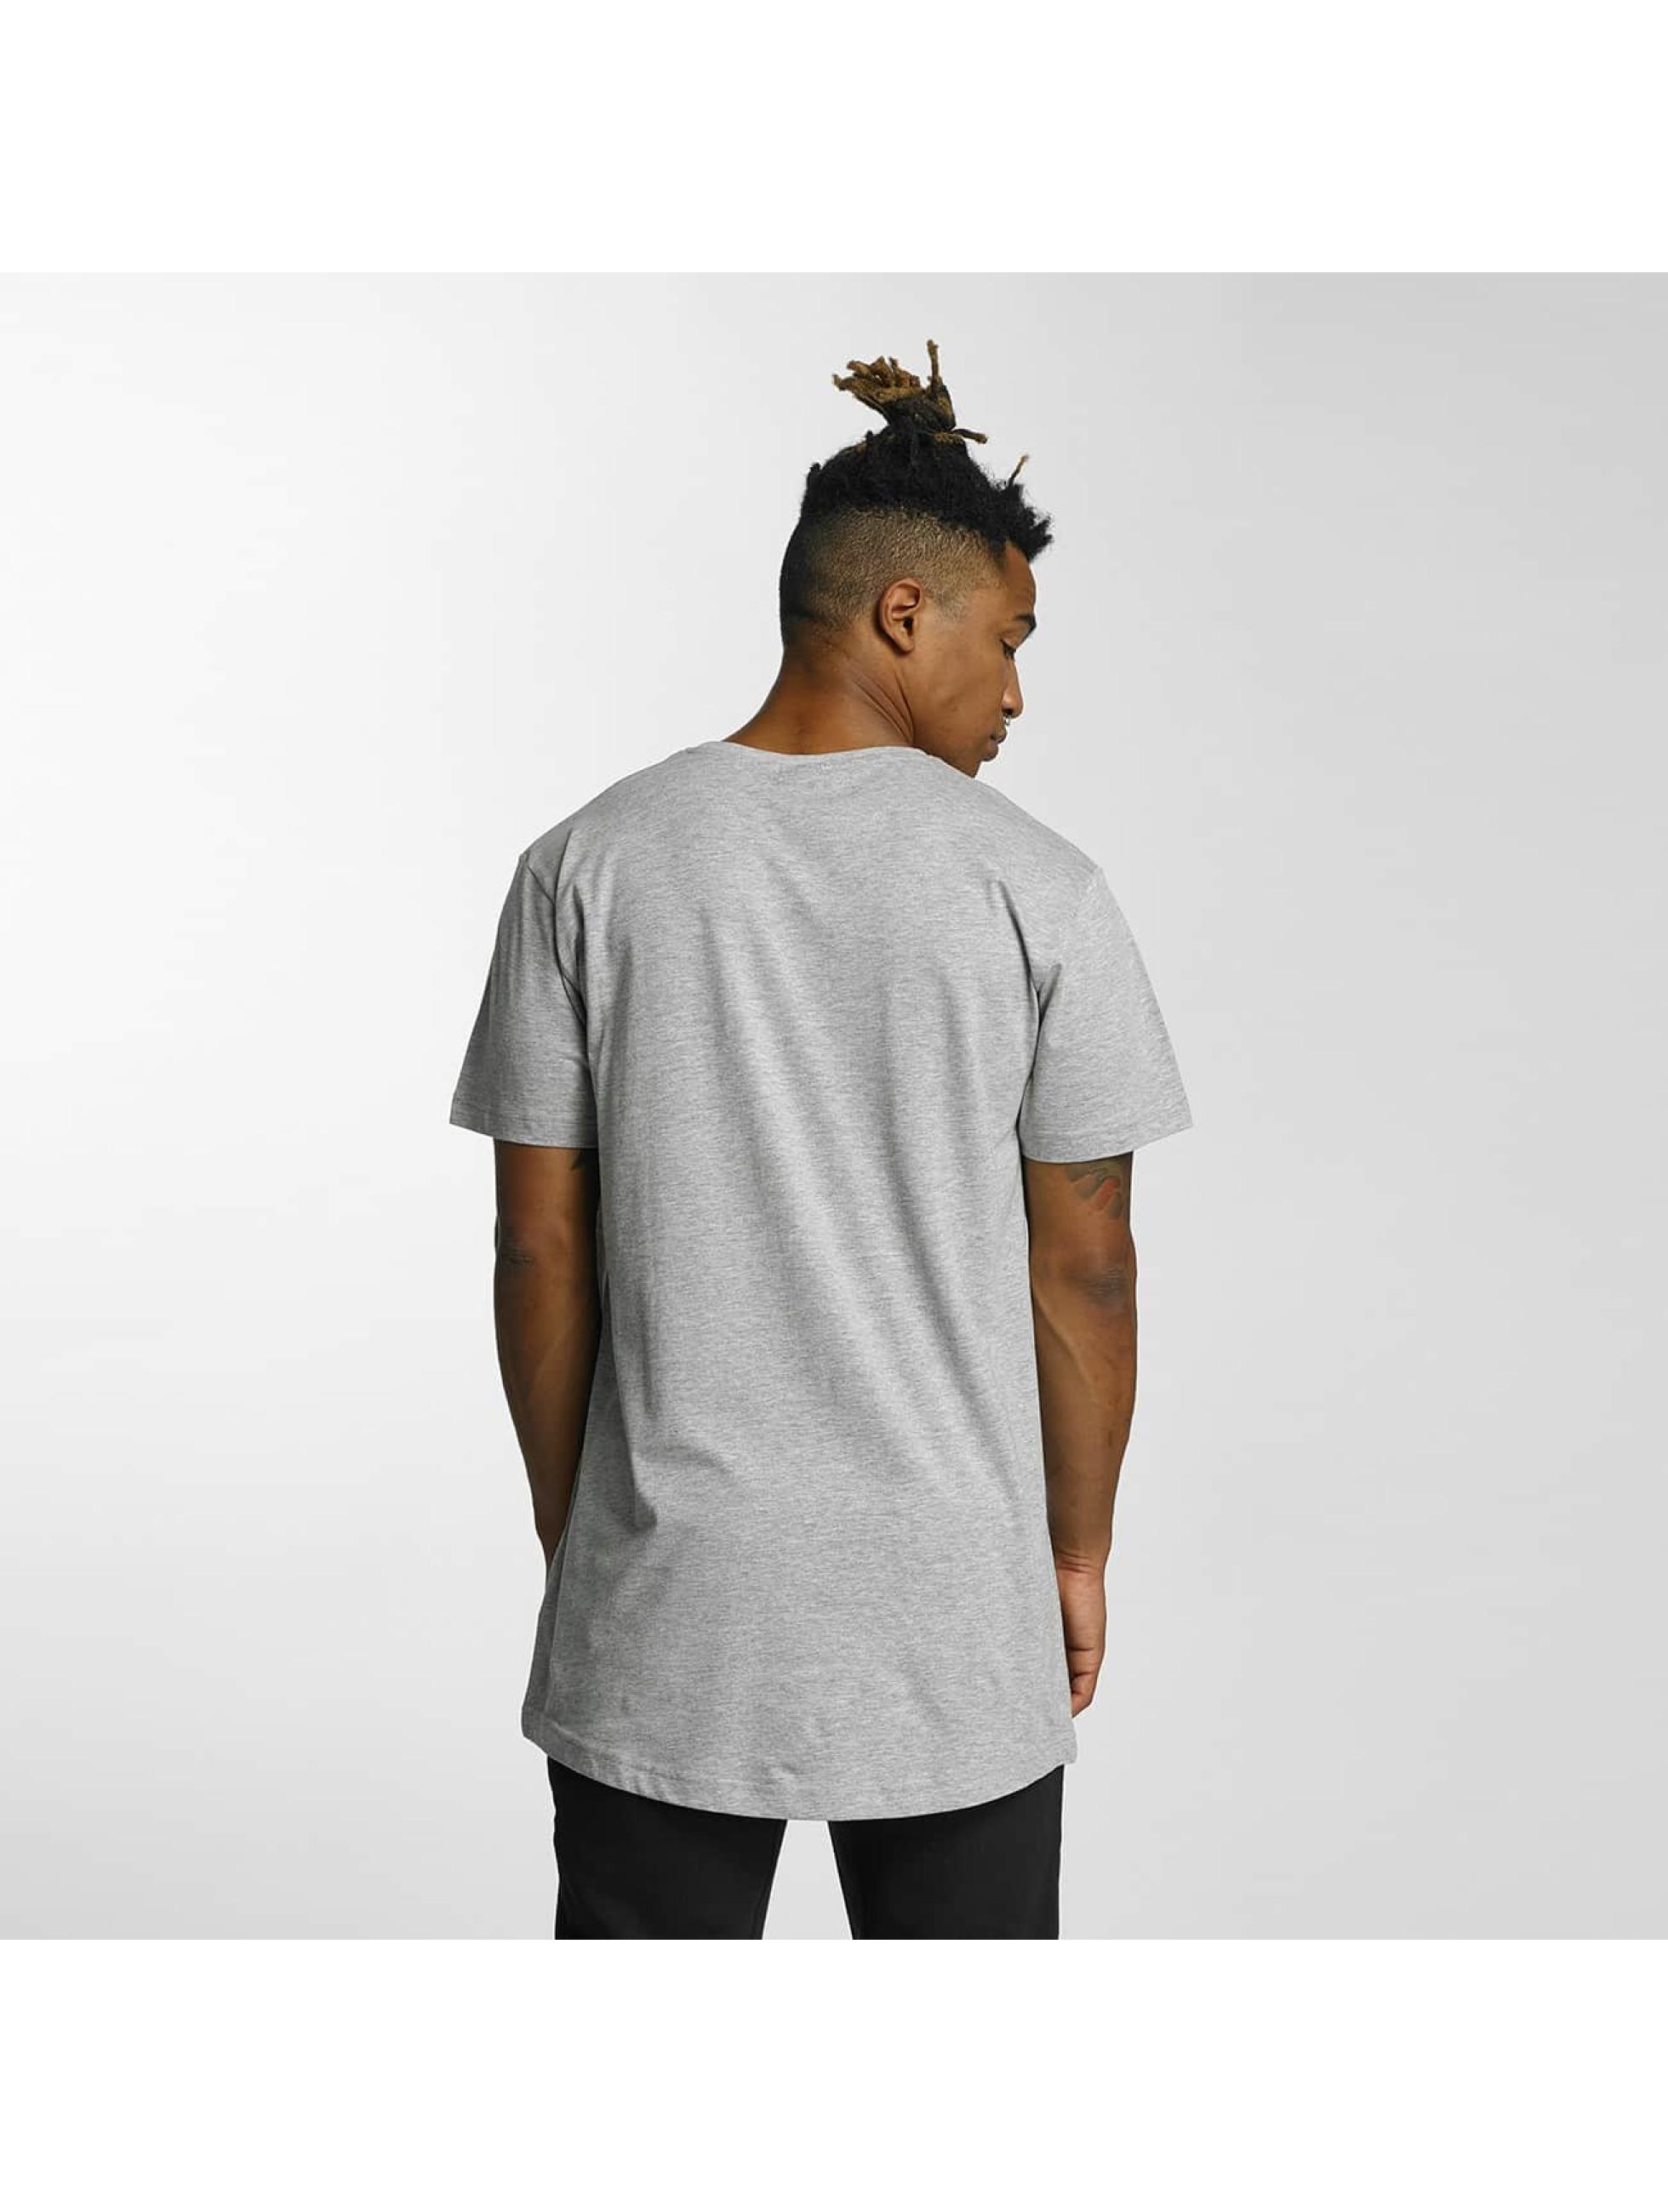 Kingin t-shirt Isis grijs